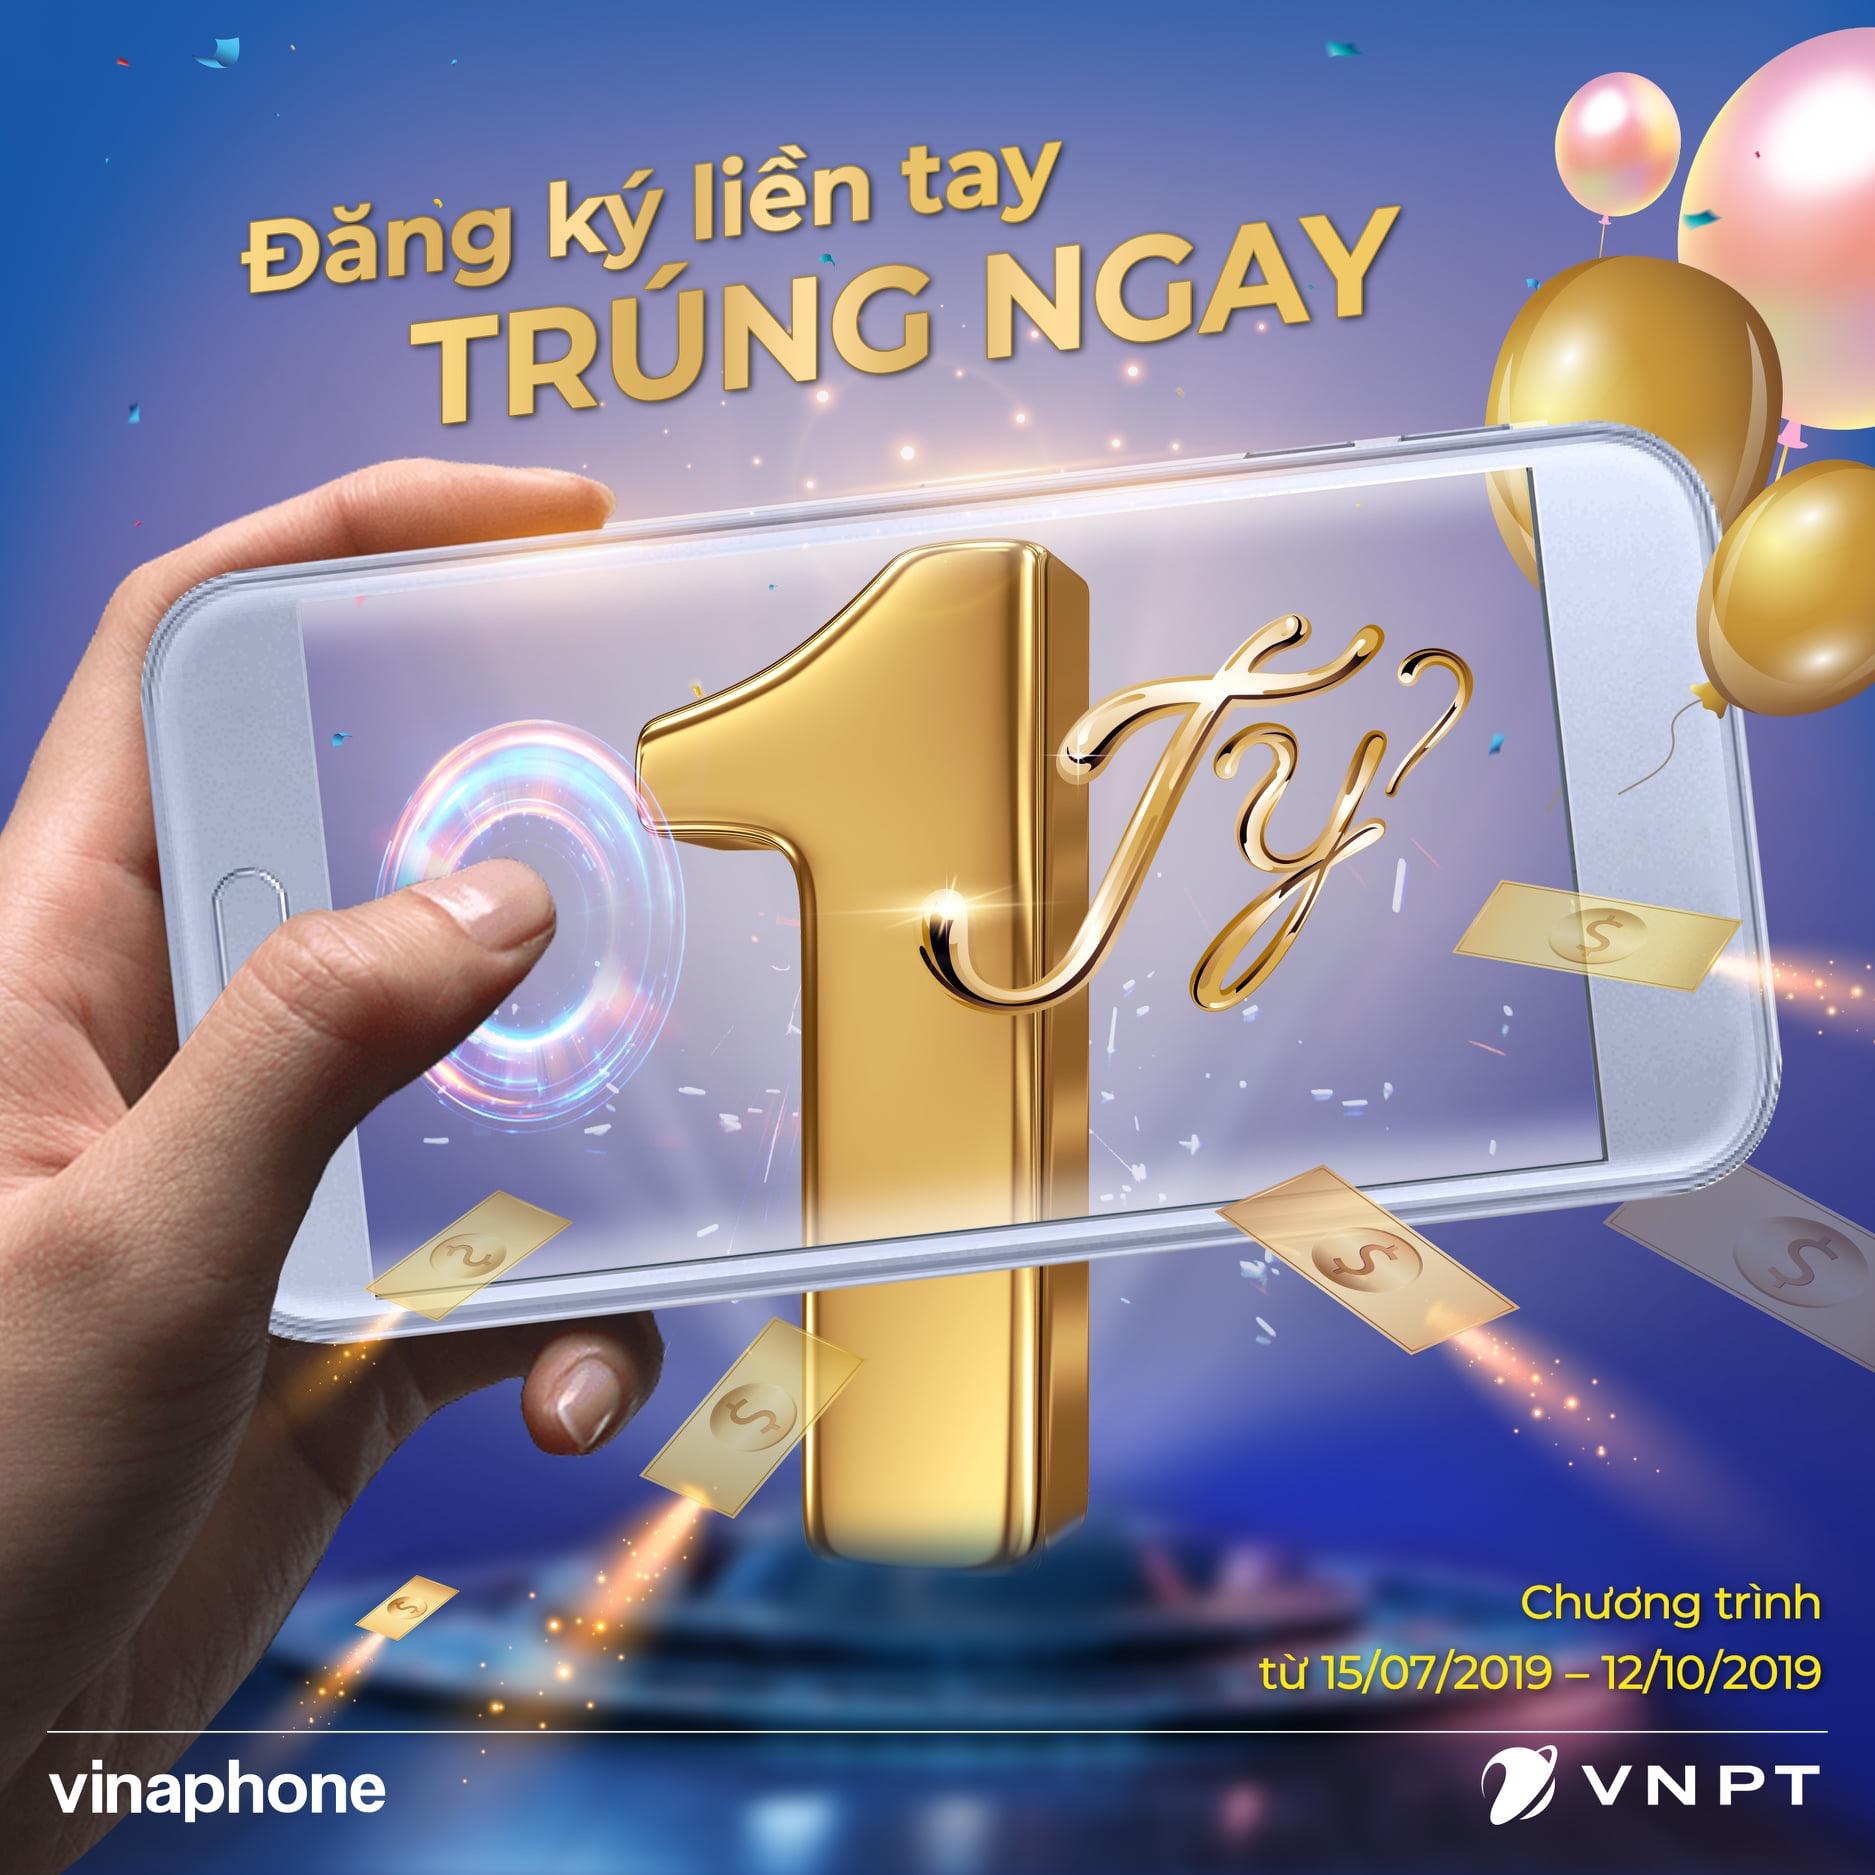 Thuê bao VinaPhone tại An Giang trúng thưởng 1 tỷ đồng tiền mặt - Ảnh 2